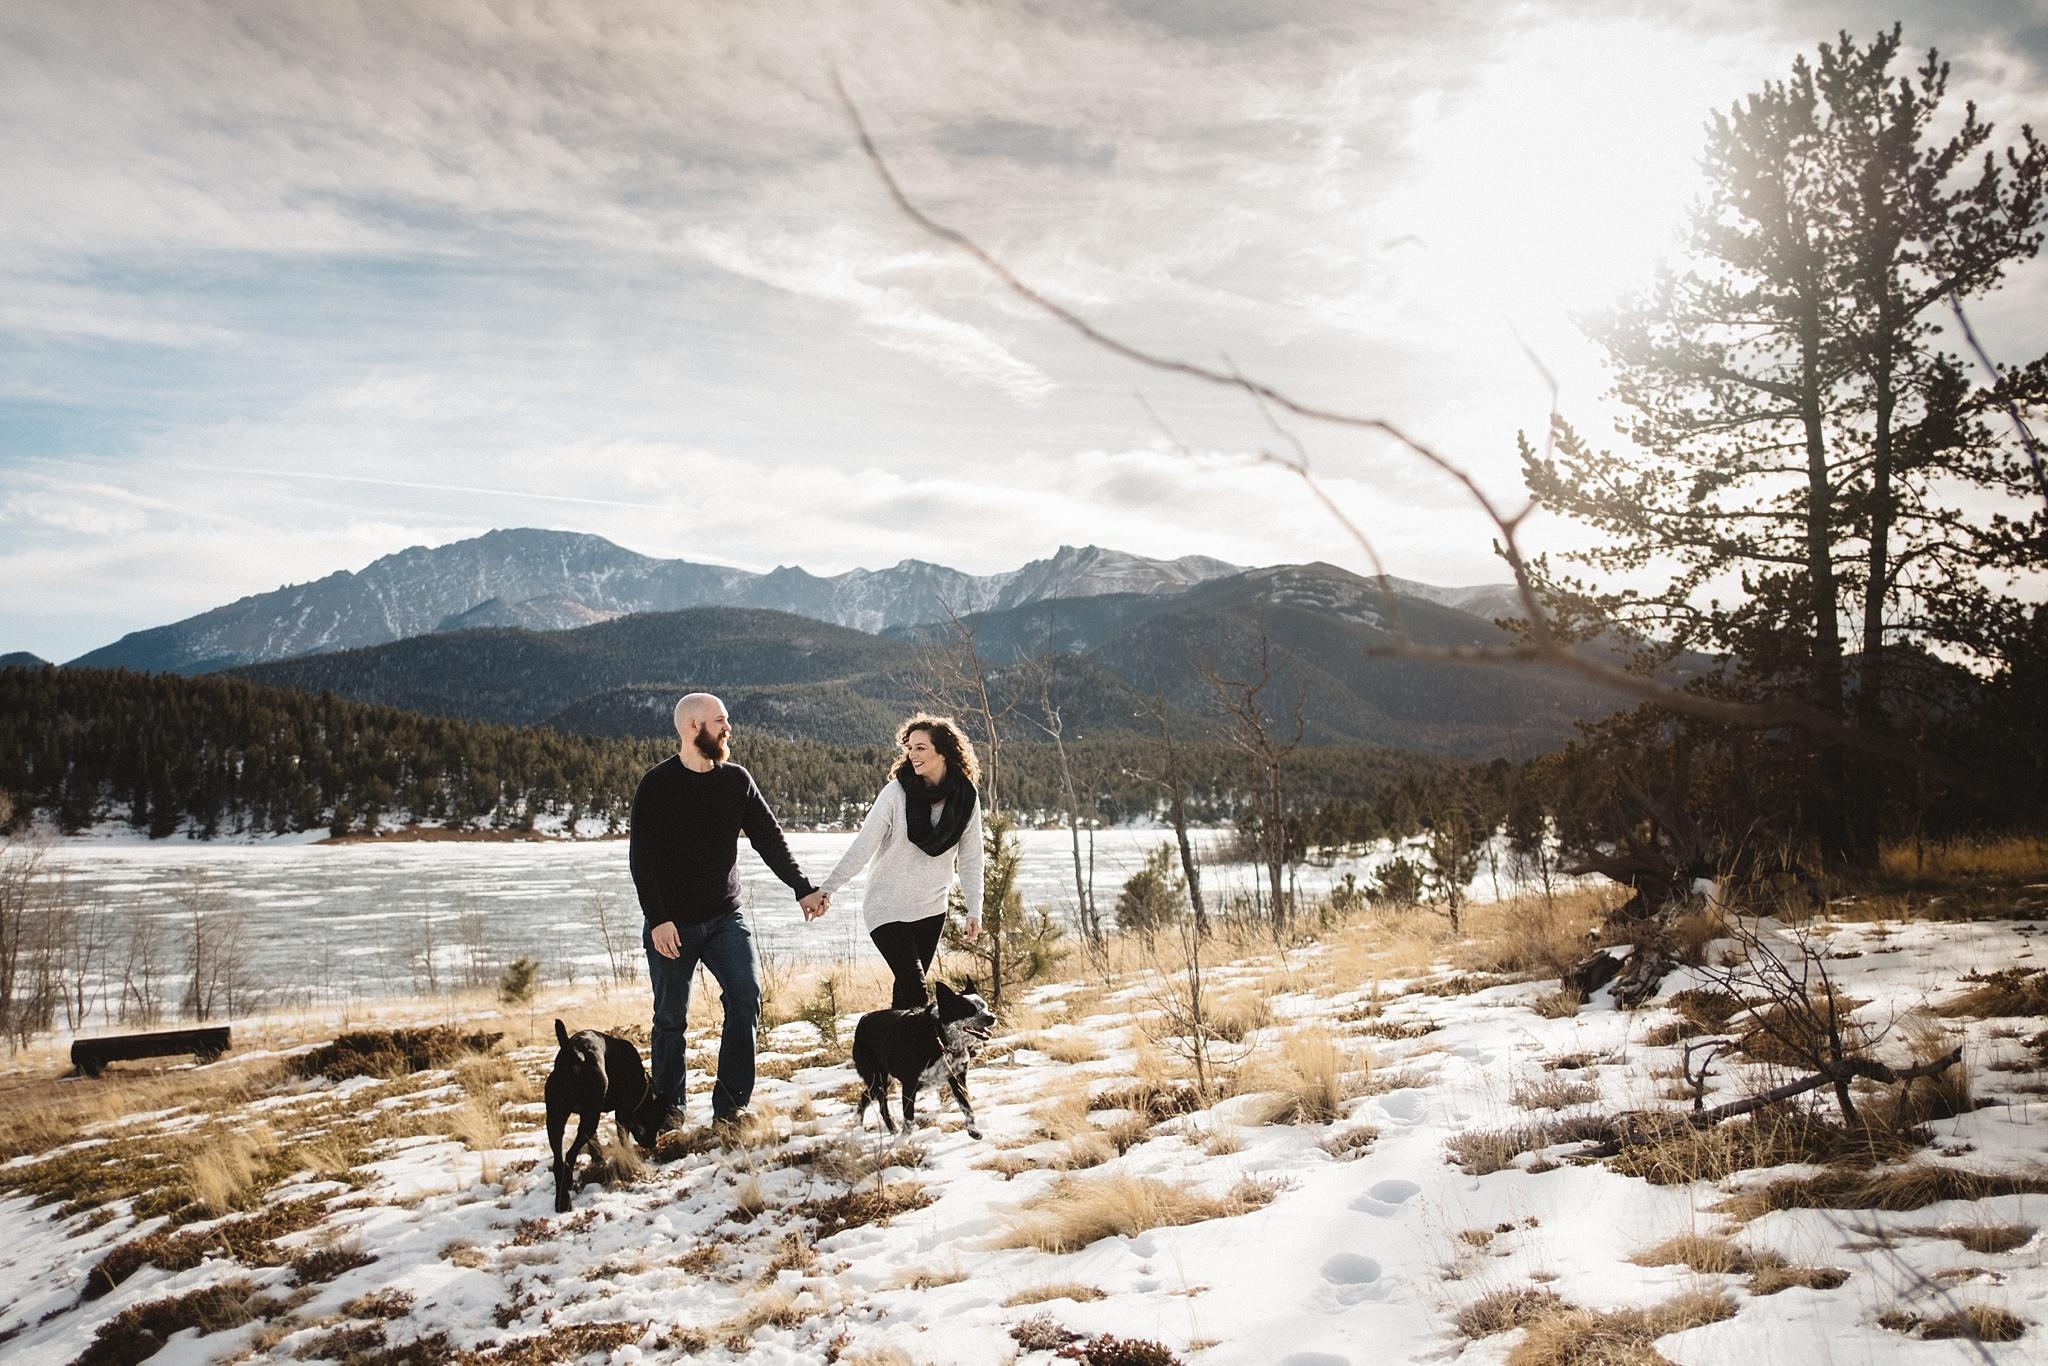 Rebekah+Rex-Crystal-Creek-Reservoir-Engagement-Photos-Colorado-Springs-006_WEB.jpg